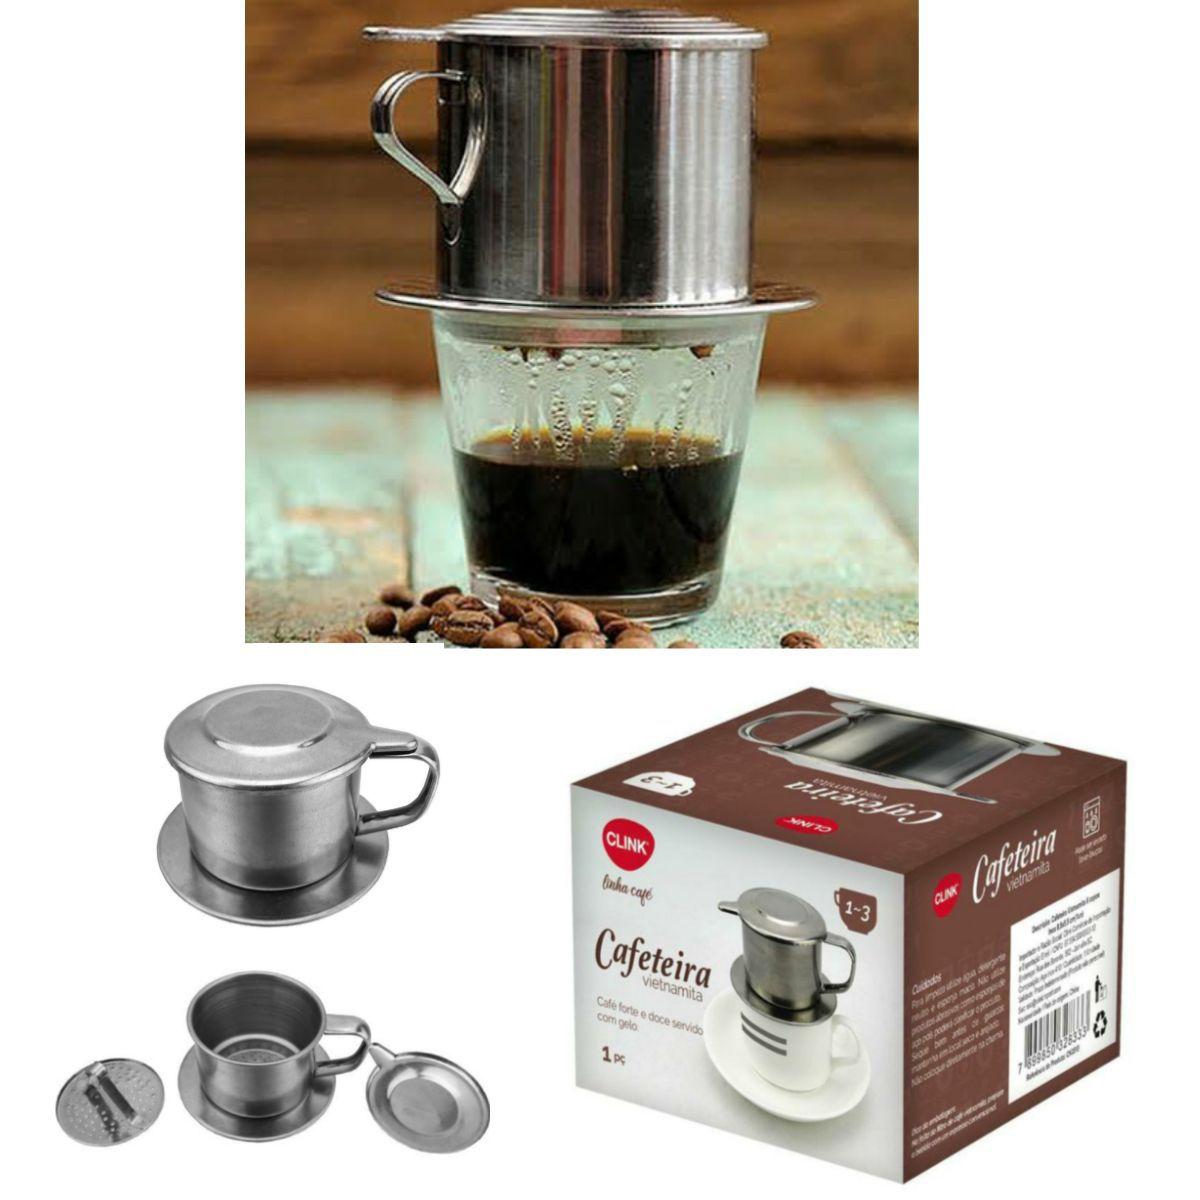 Kit com Coador de Café em Aço Inox Tam. 103 e Cafeteira gotejador Vietnamita